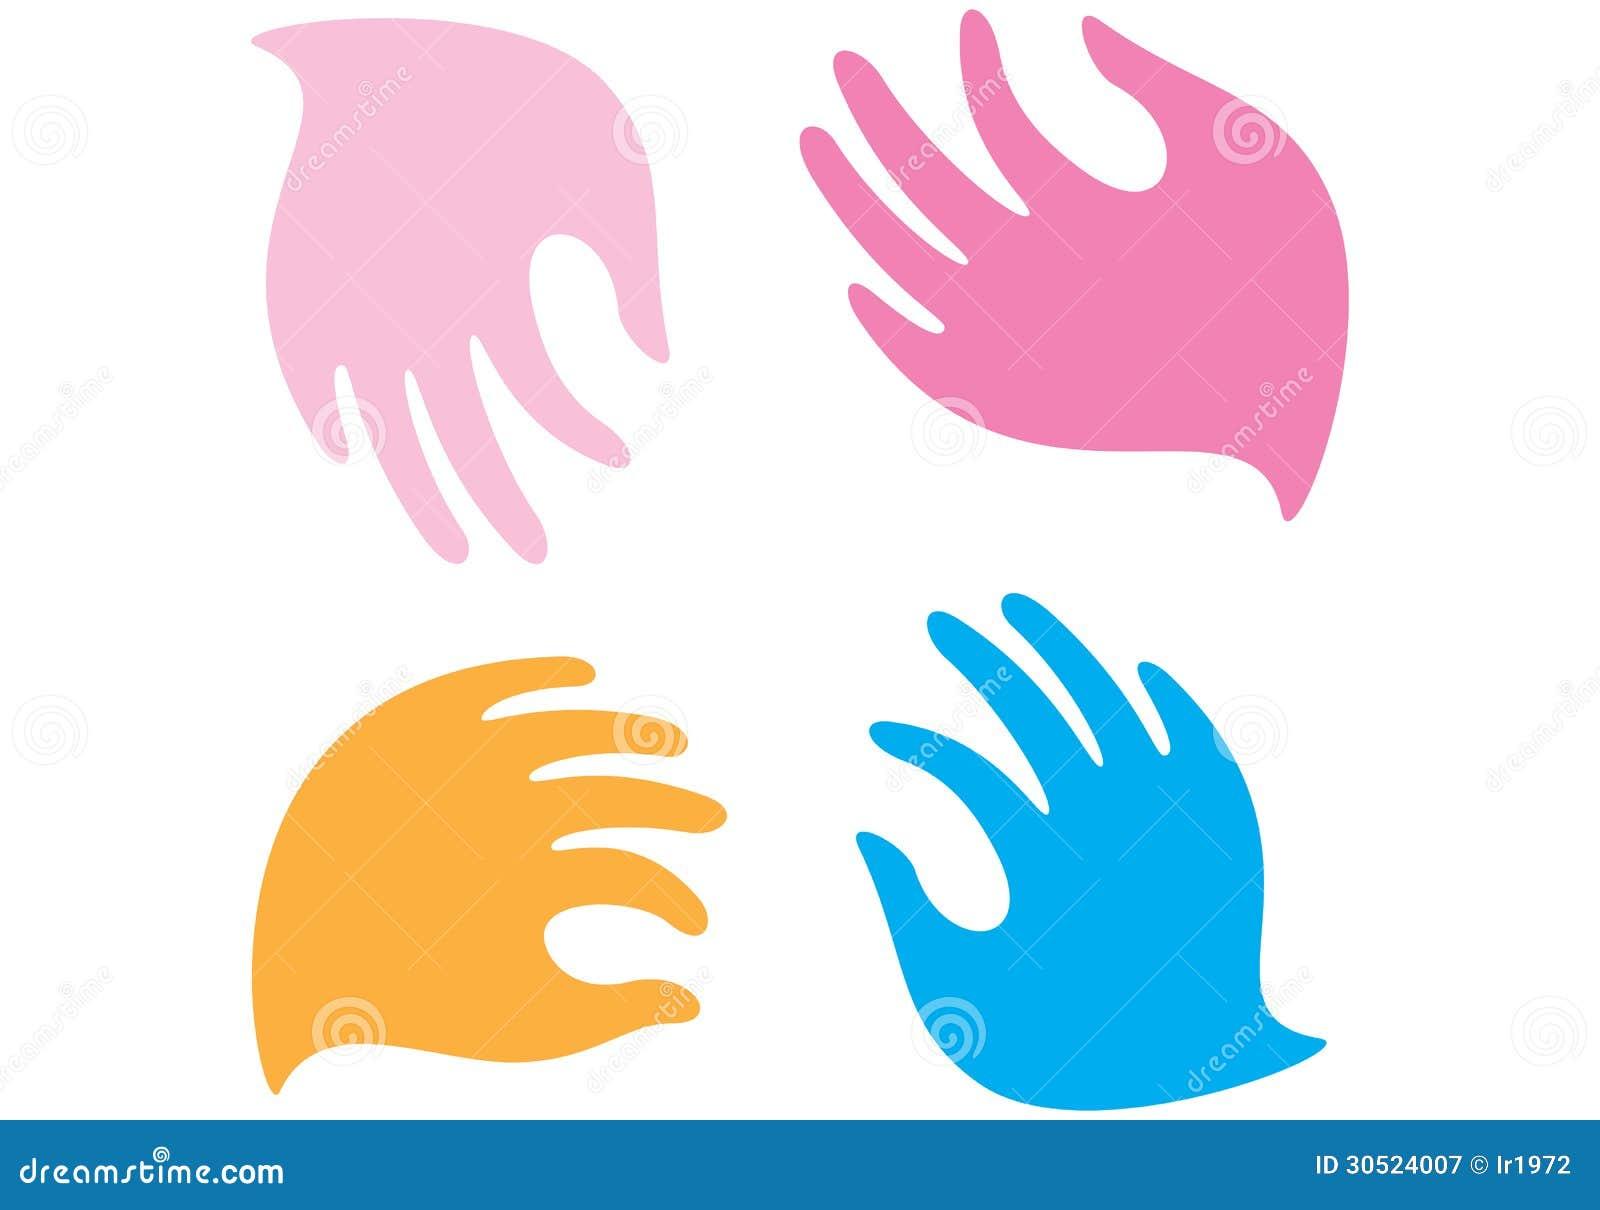 gentle hands clipart - photo #25